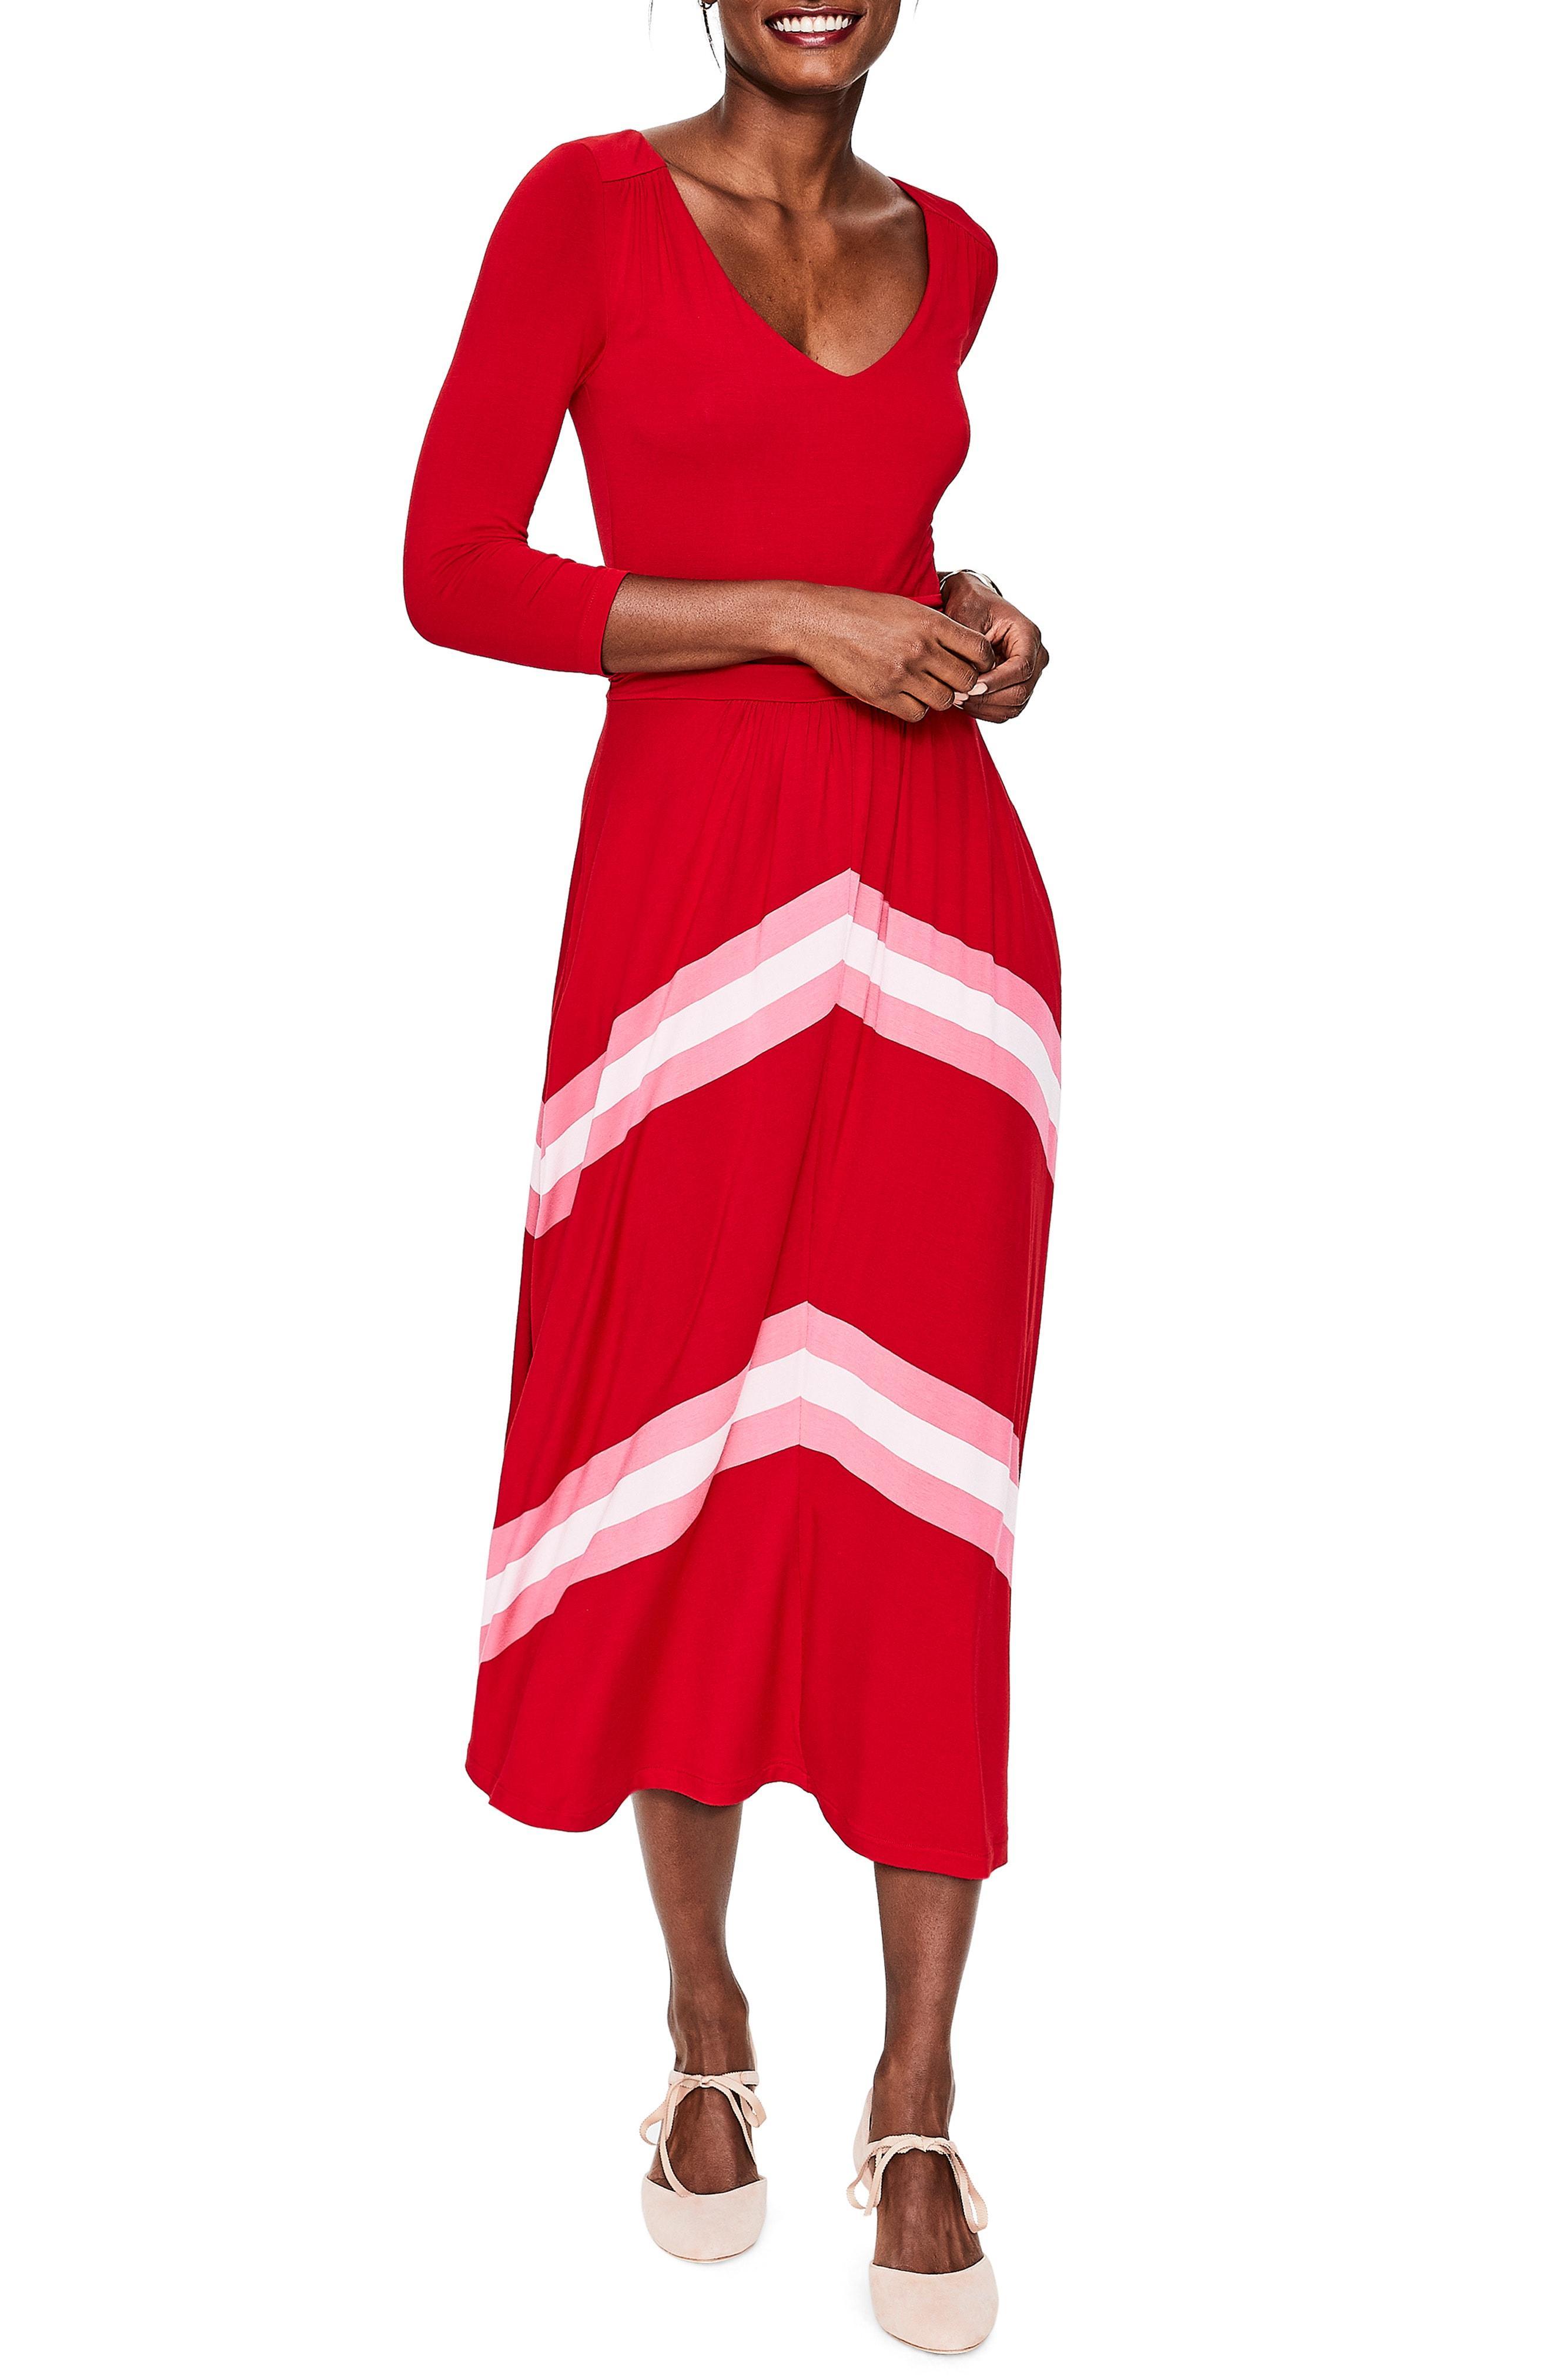 91f34577a76 Lyst - Boden Juliet Jersey Midi Dress in Red